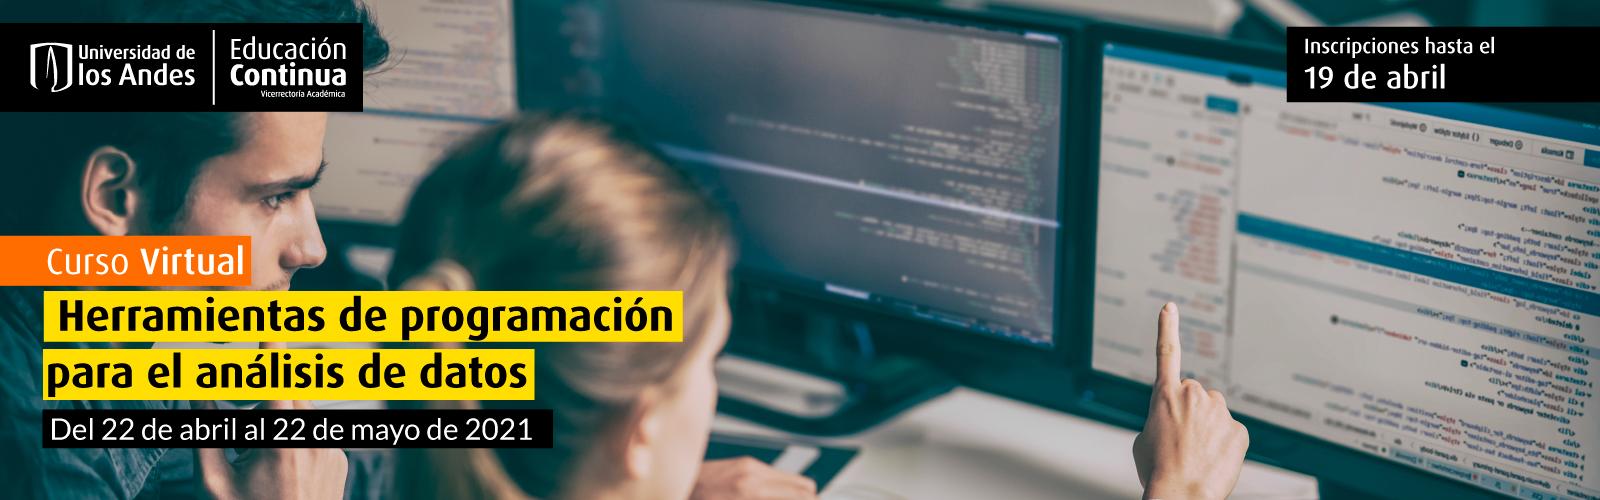 Herramientas-de-programacion-para-el-analisis-de-datos.jpg